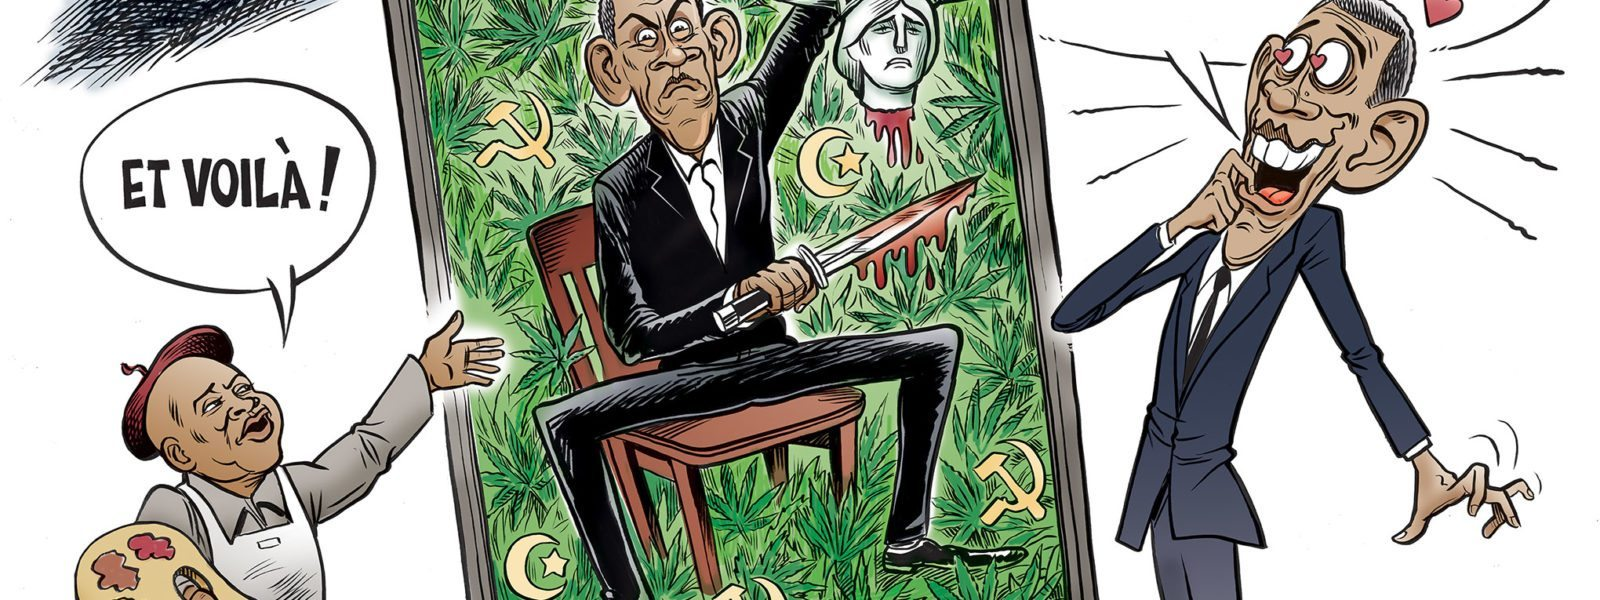 Obama's Presidential Portrait